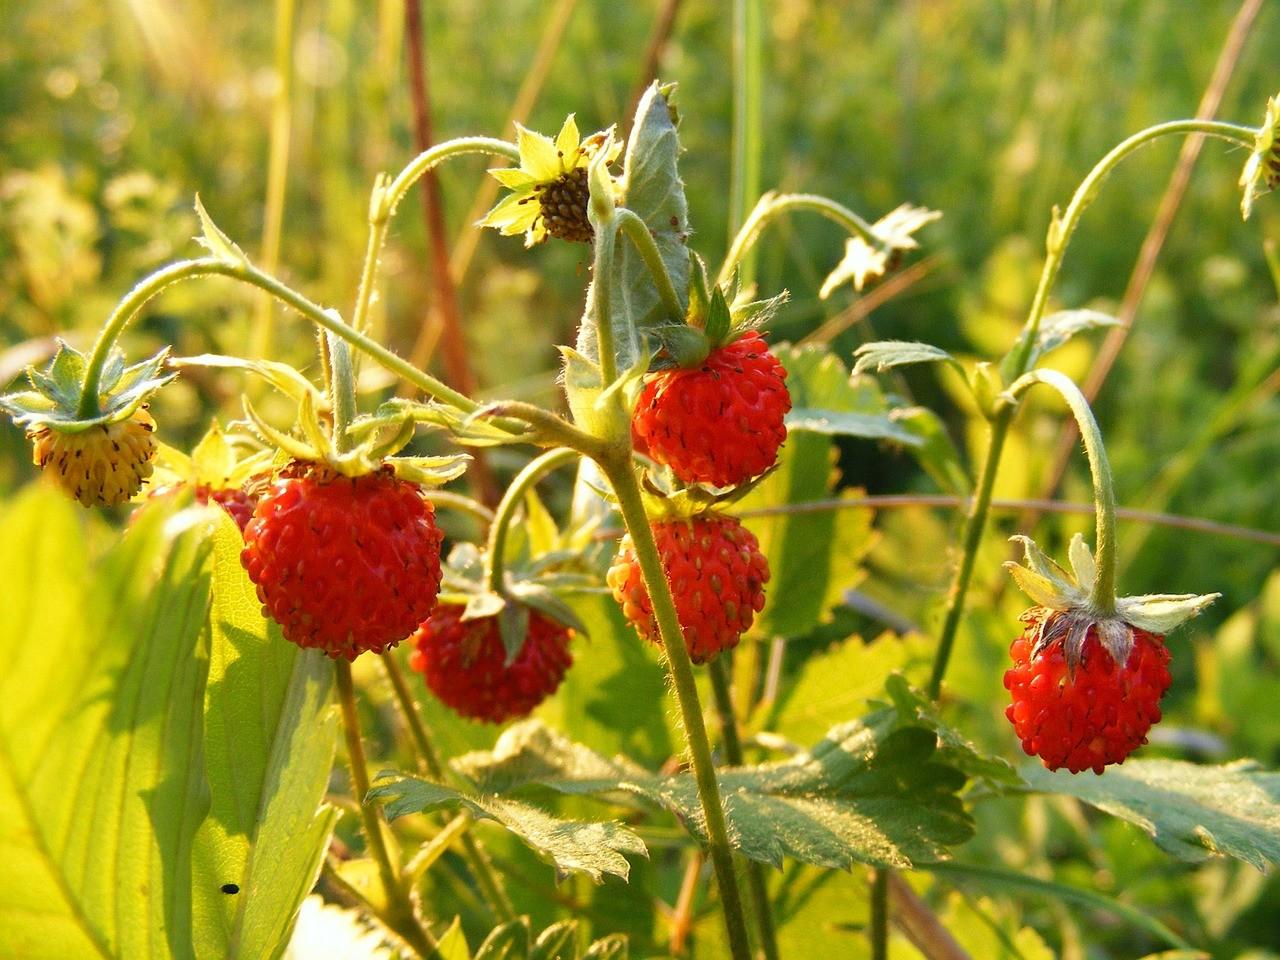 des fraises sauvages